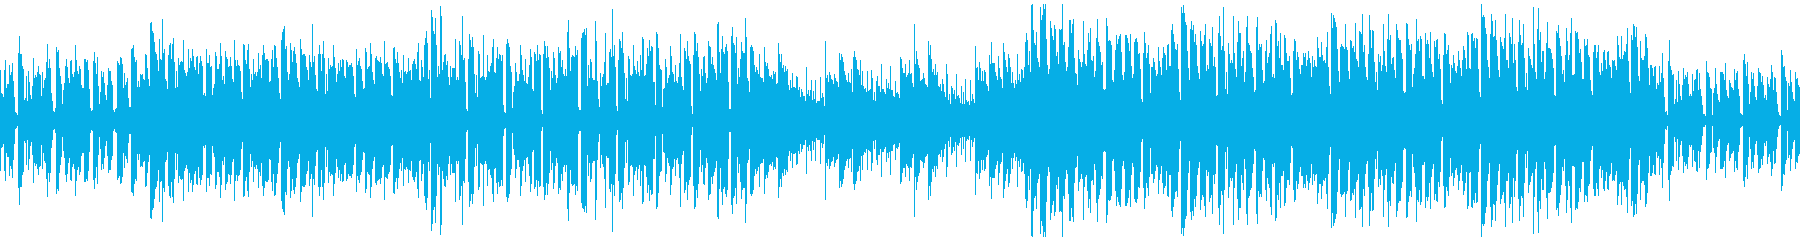 春をイメージした明るいコーポレートBGMの再生済みの波形